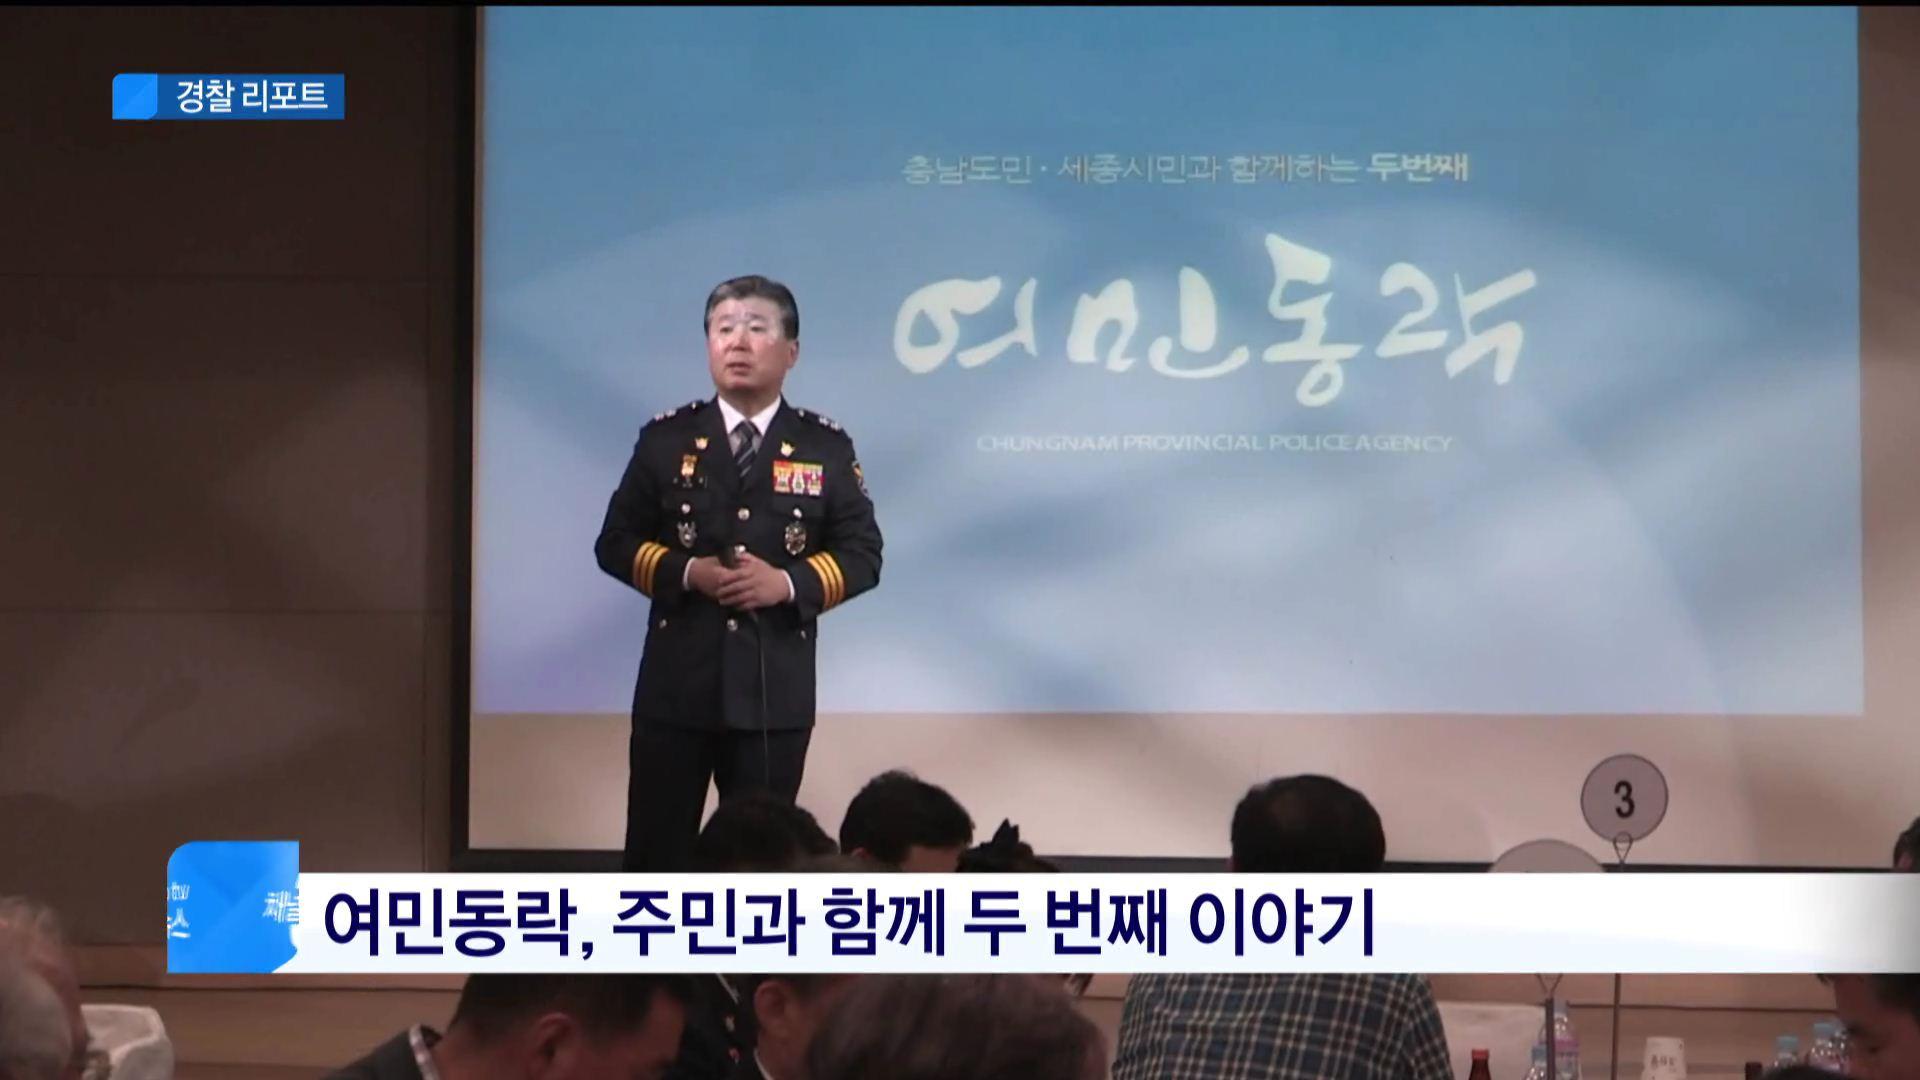 충남경찰 리포트 81회